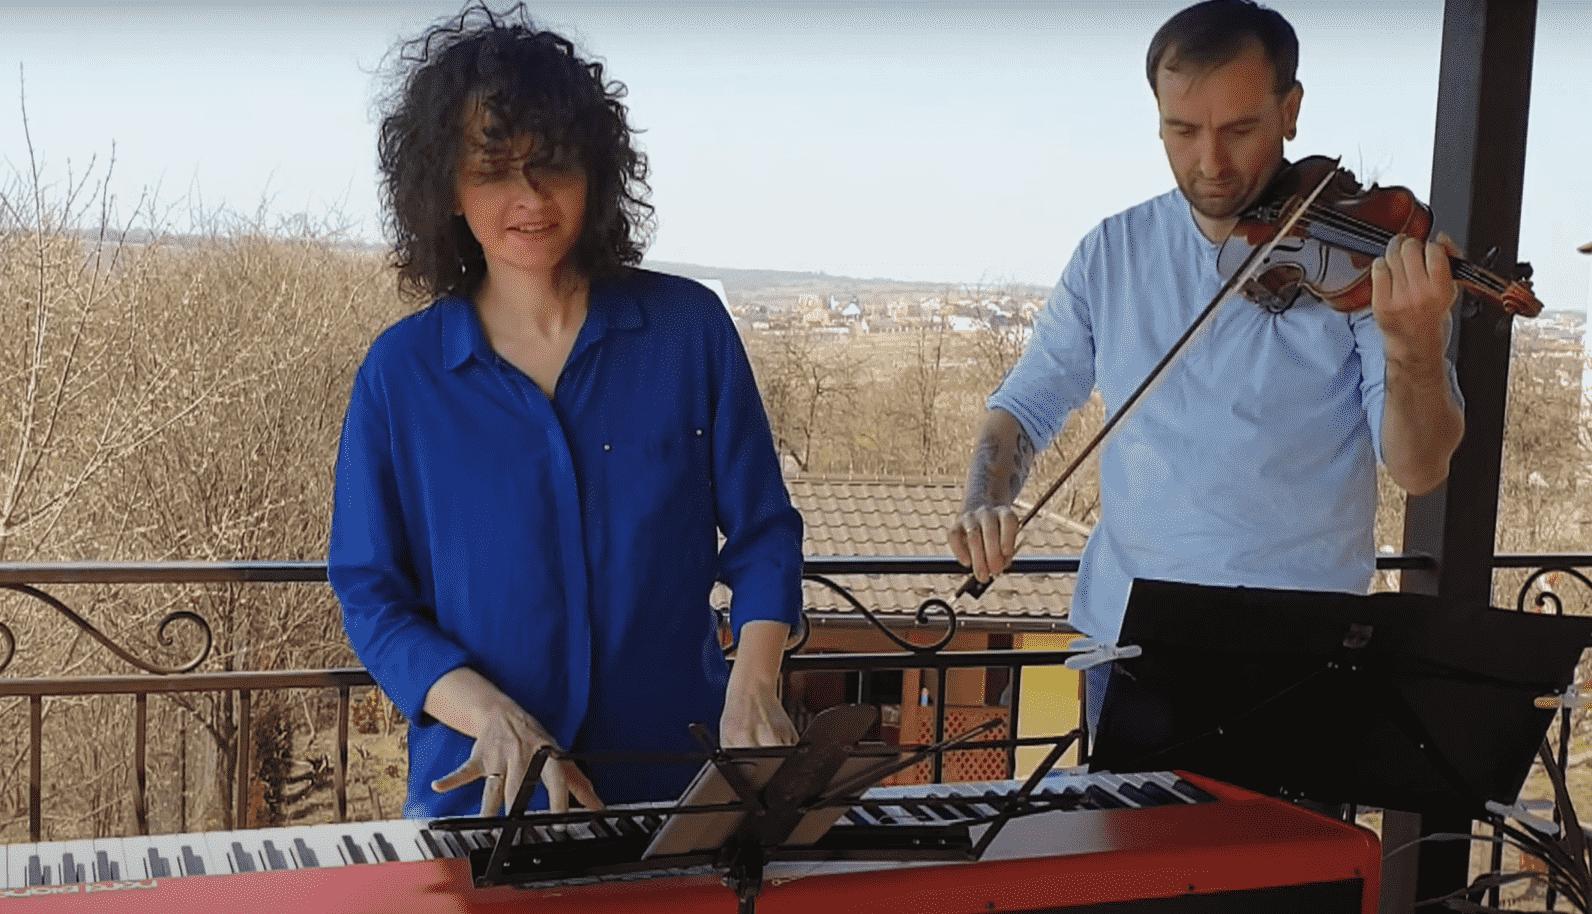 Олександр та Юлія Божики під час карантину записали на балконі кавер на відомий «Dance Monkey» (ВІДЕО)